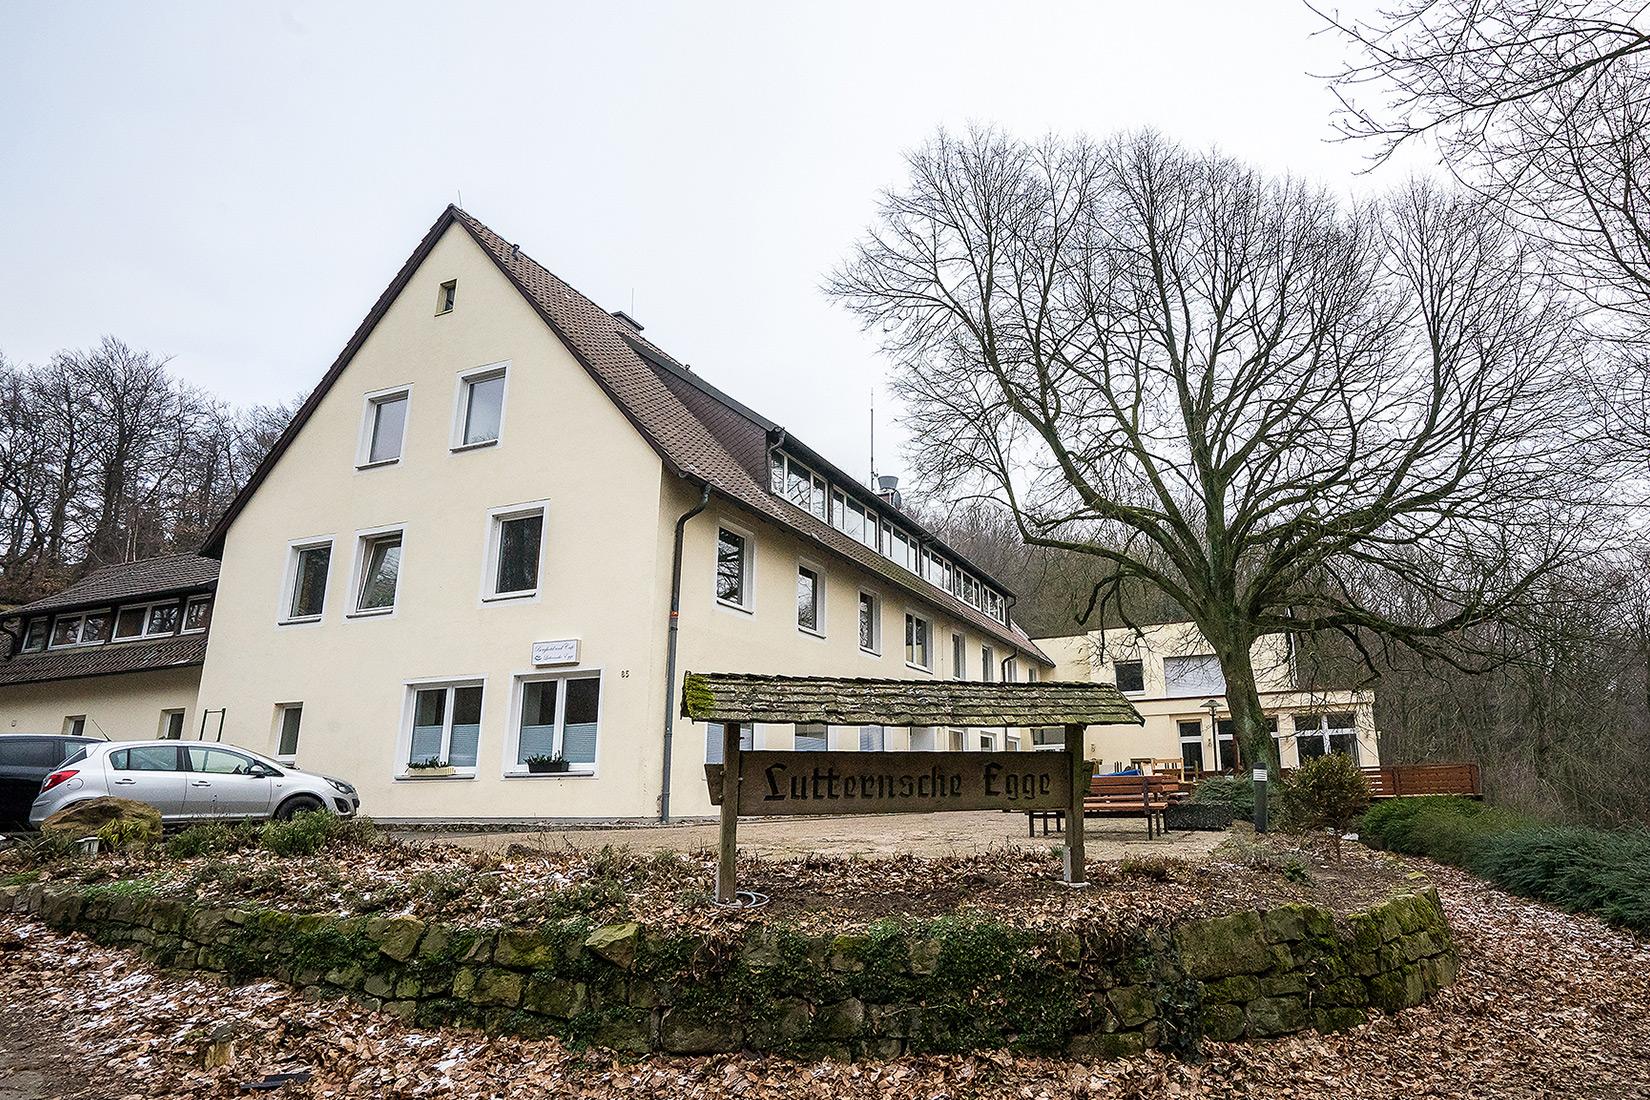 Hotel «Lutternsche Egge» in Bad Oeynhausen — ein Geheimtip im Wiehengebirge